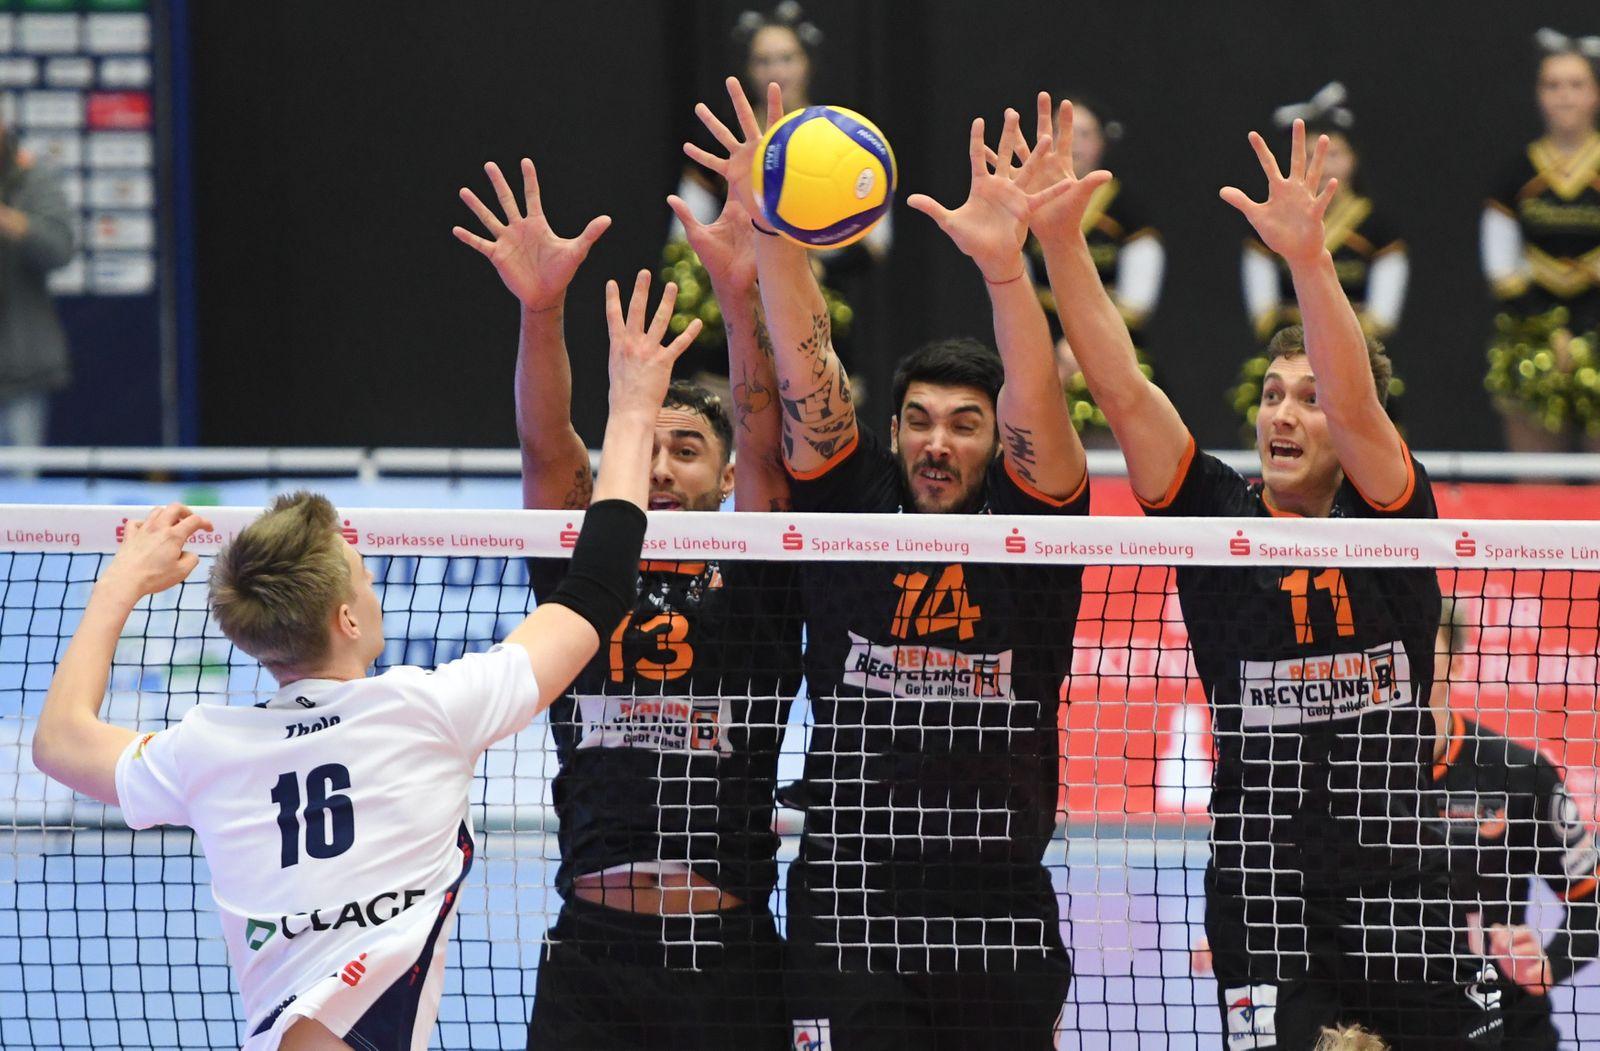 Volleyball - Bundesliga - SVG Lüneburg - Berlin Recycling Volleys